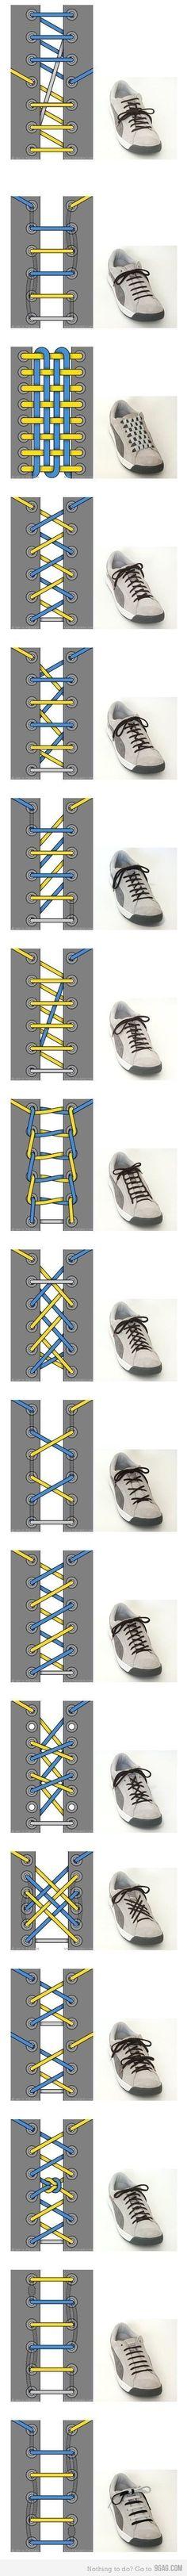 17-Ways-To-Tie-Shoes-1.jpg 454×6,249 pixels